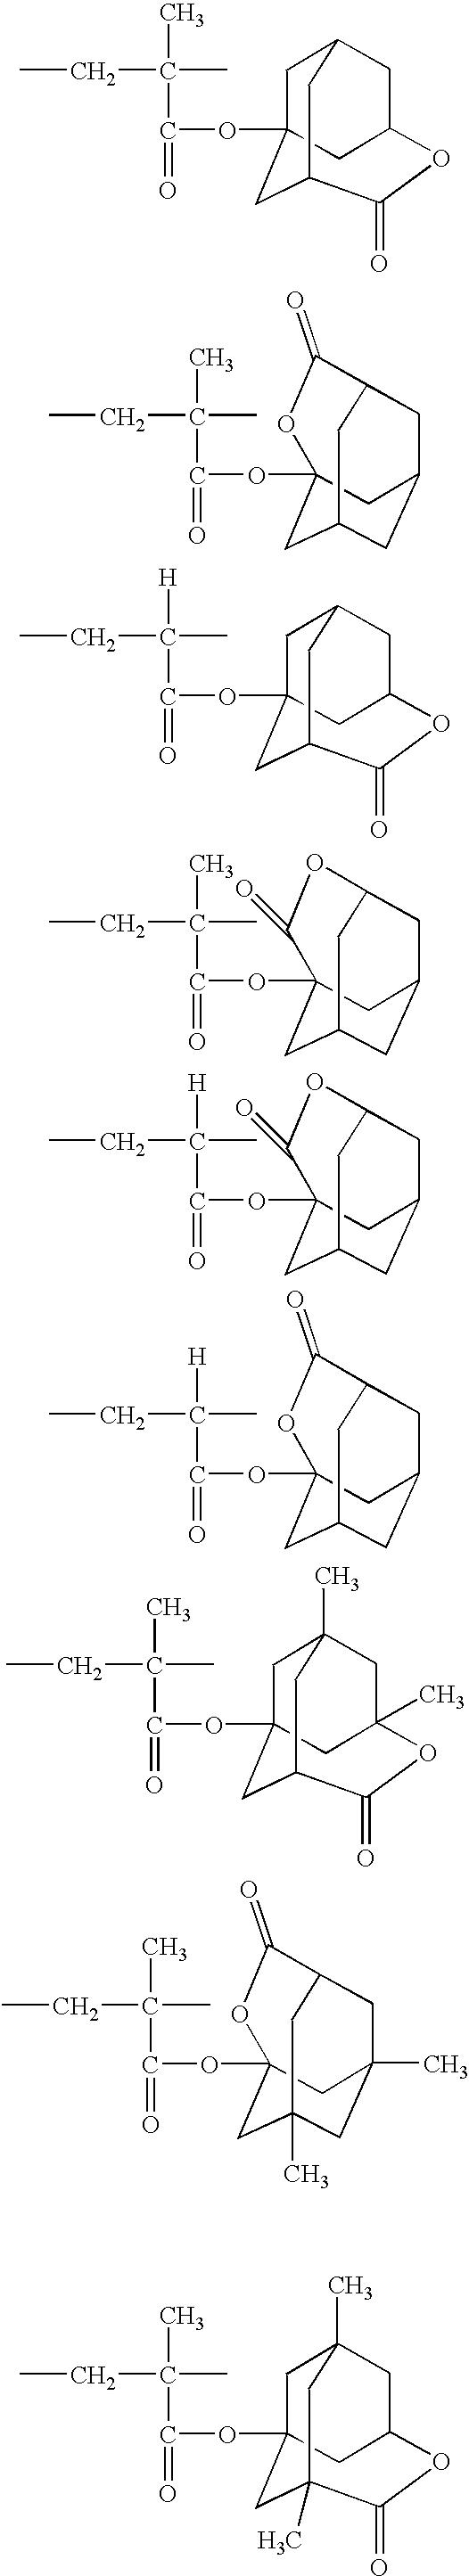 Figure US20030186161A1-20031002-C00109